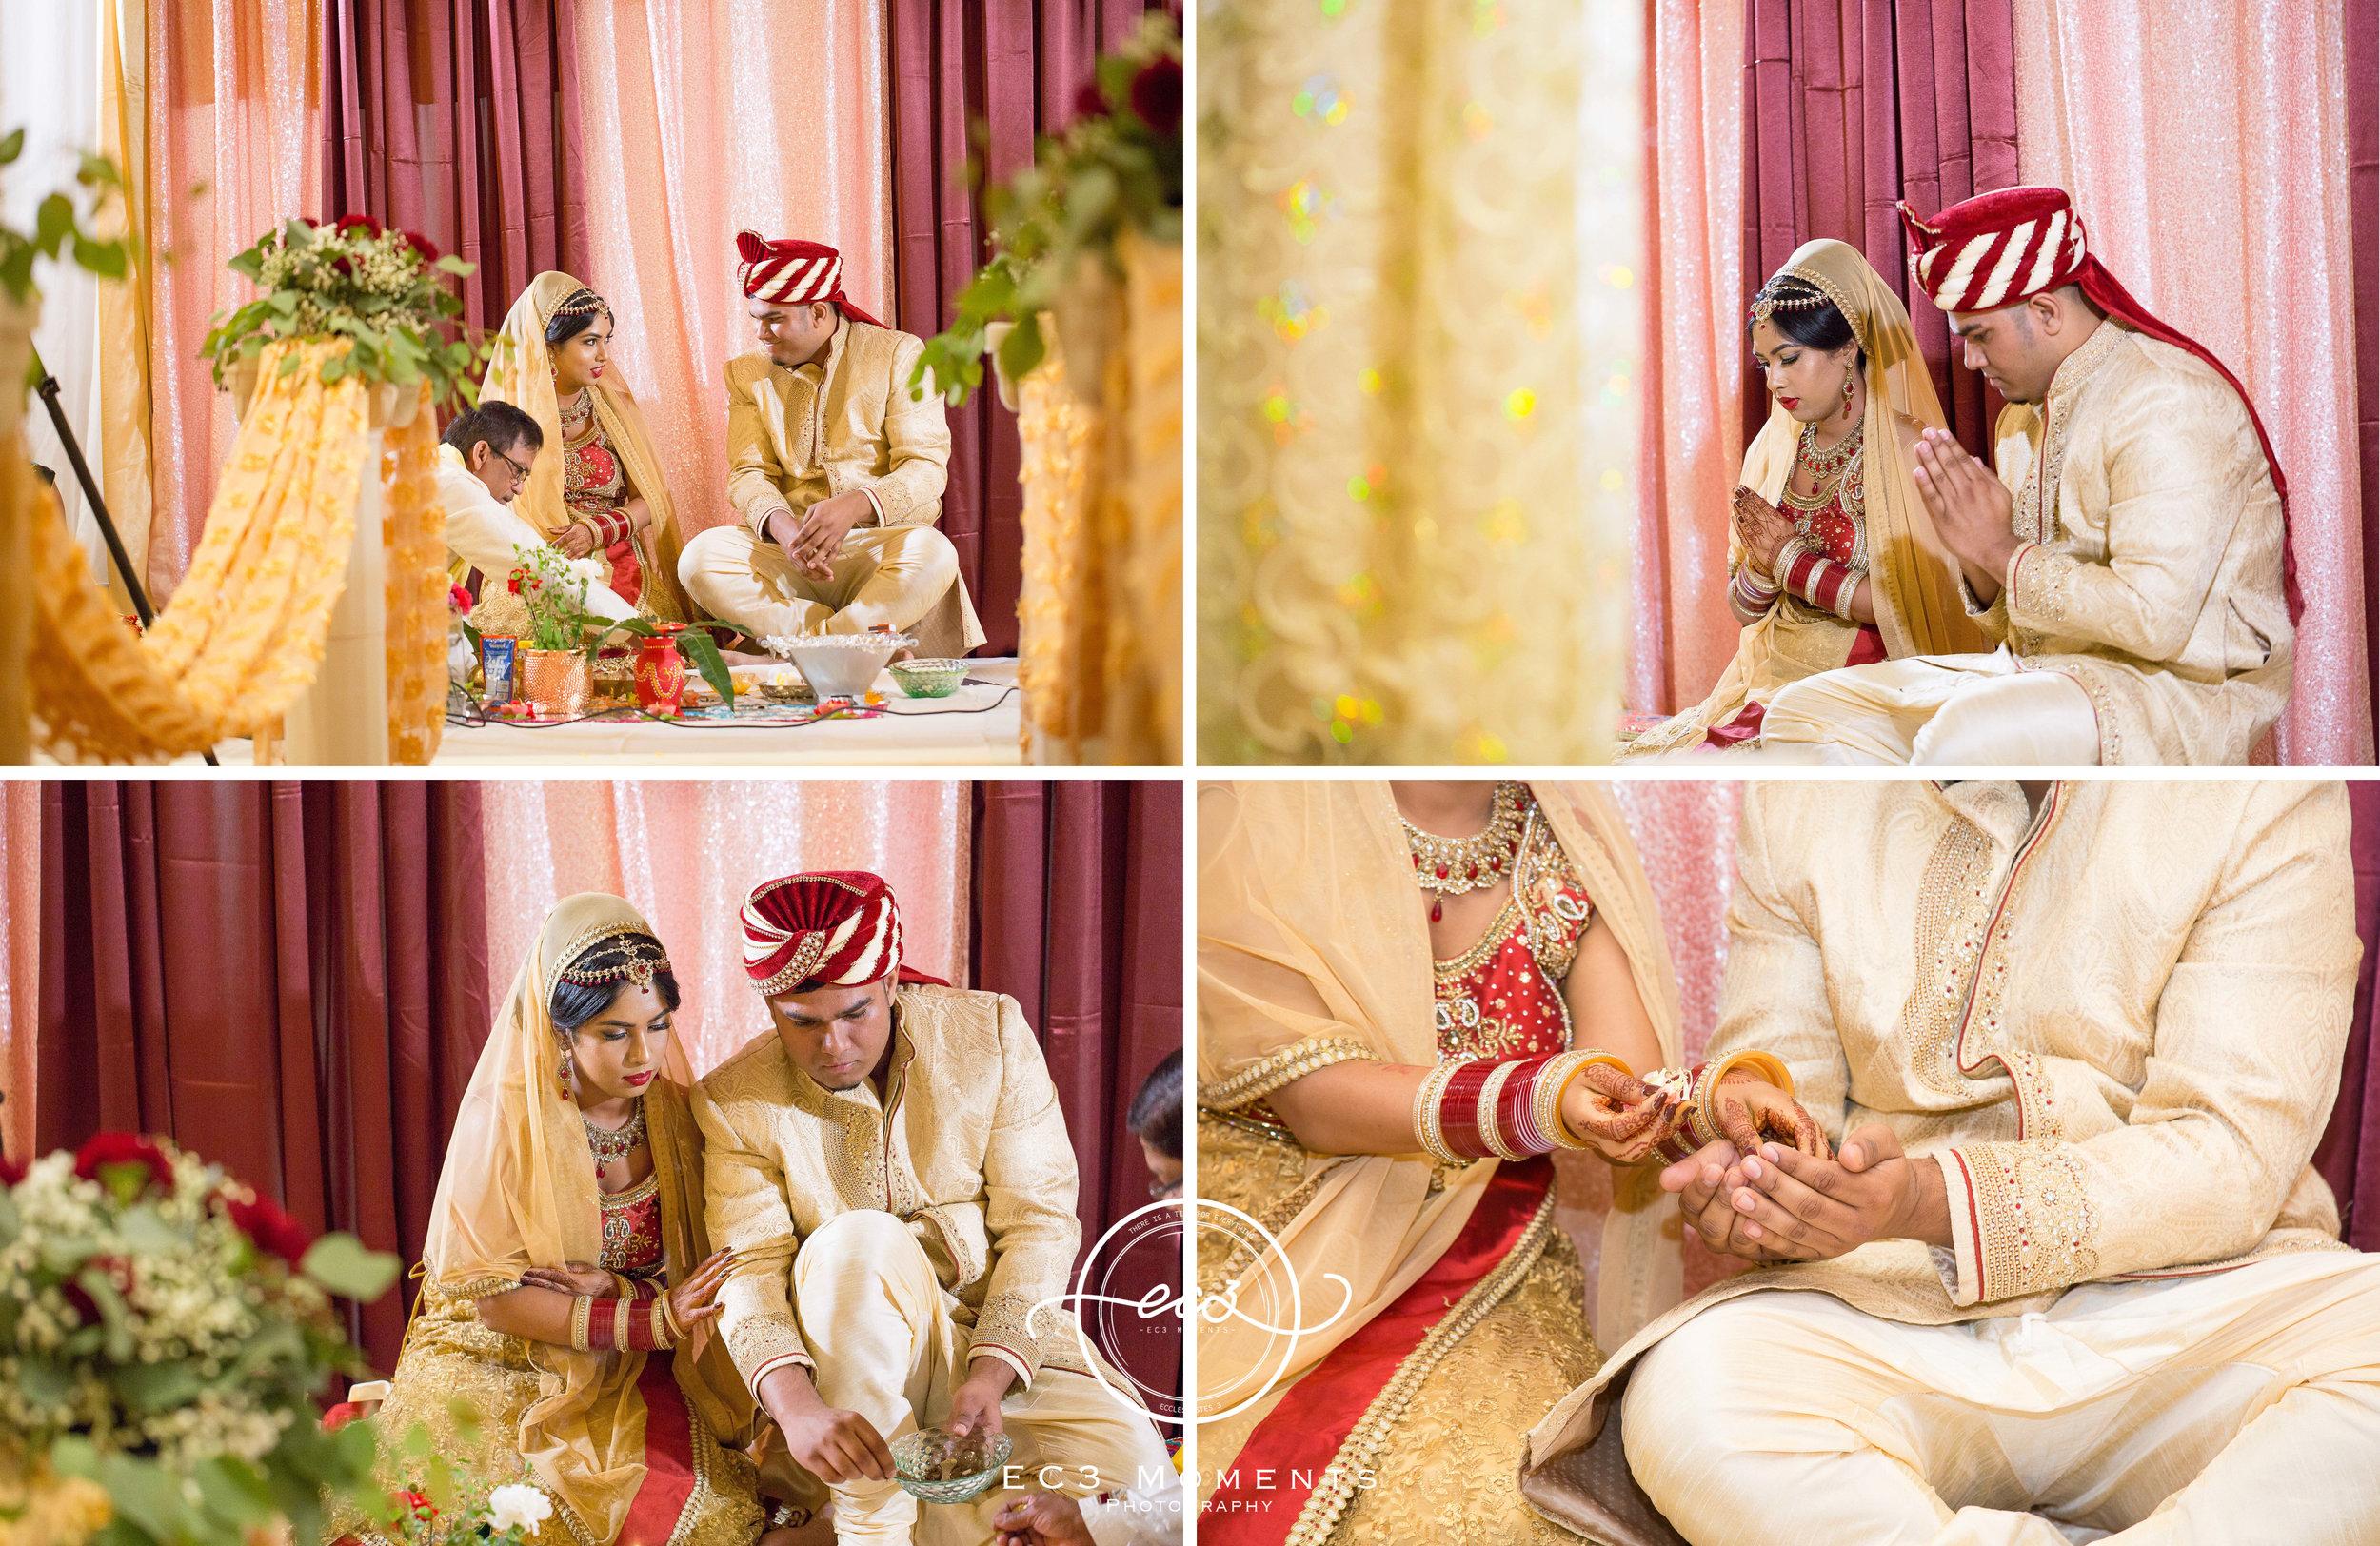 Dolly & Paul Sagan Hindu Wedding Day One 16.jpg